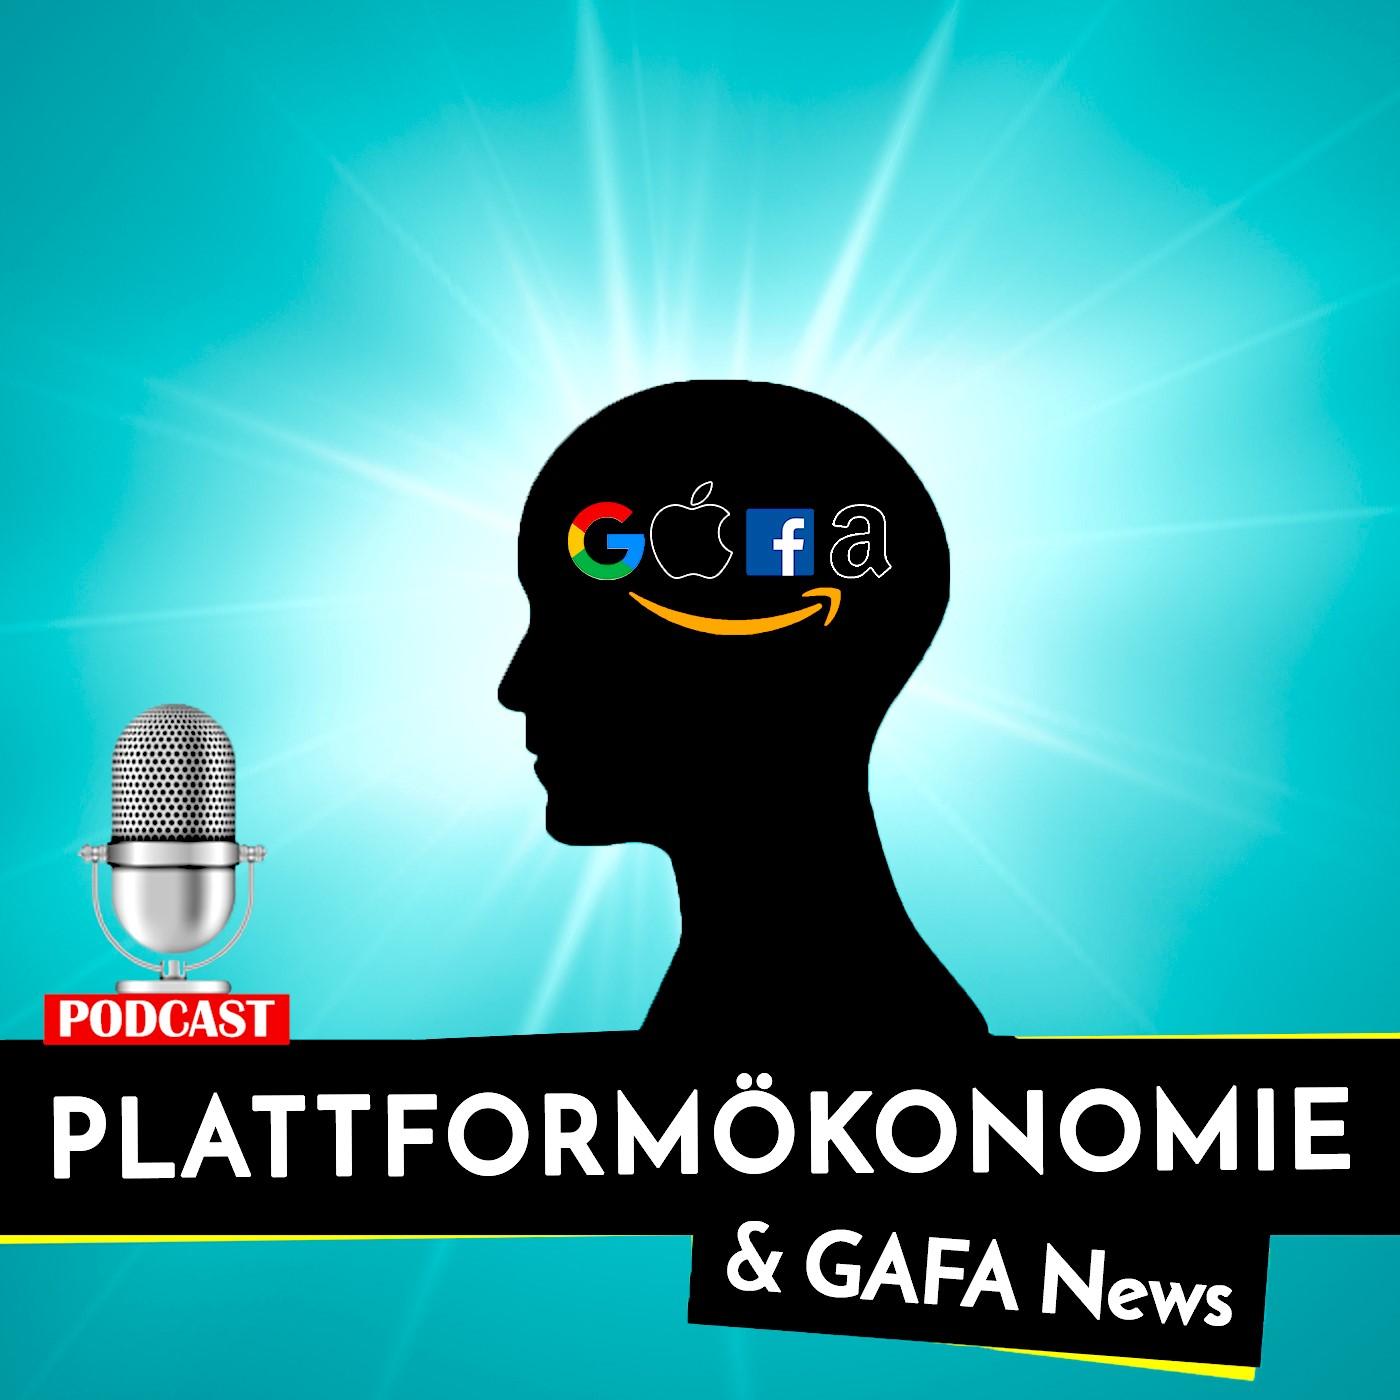 Wirtschafts News   Business Nachrichten aus der Digitalwelt   Google Update, Amazon Pantry, Spanien Grundeinkommen uvl..